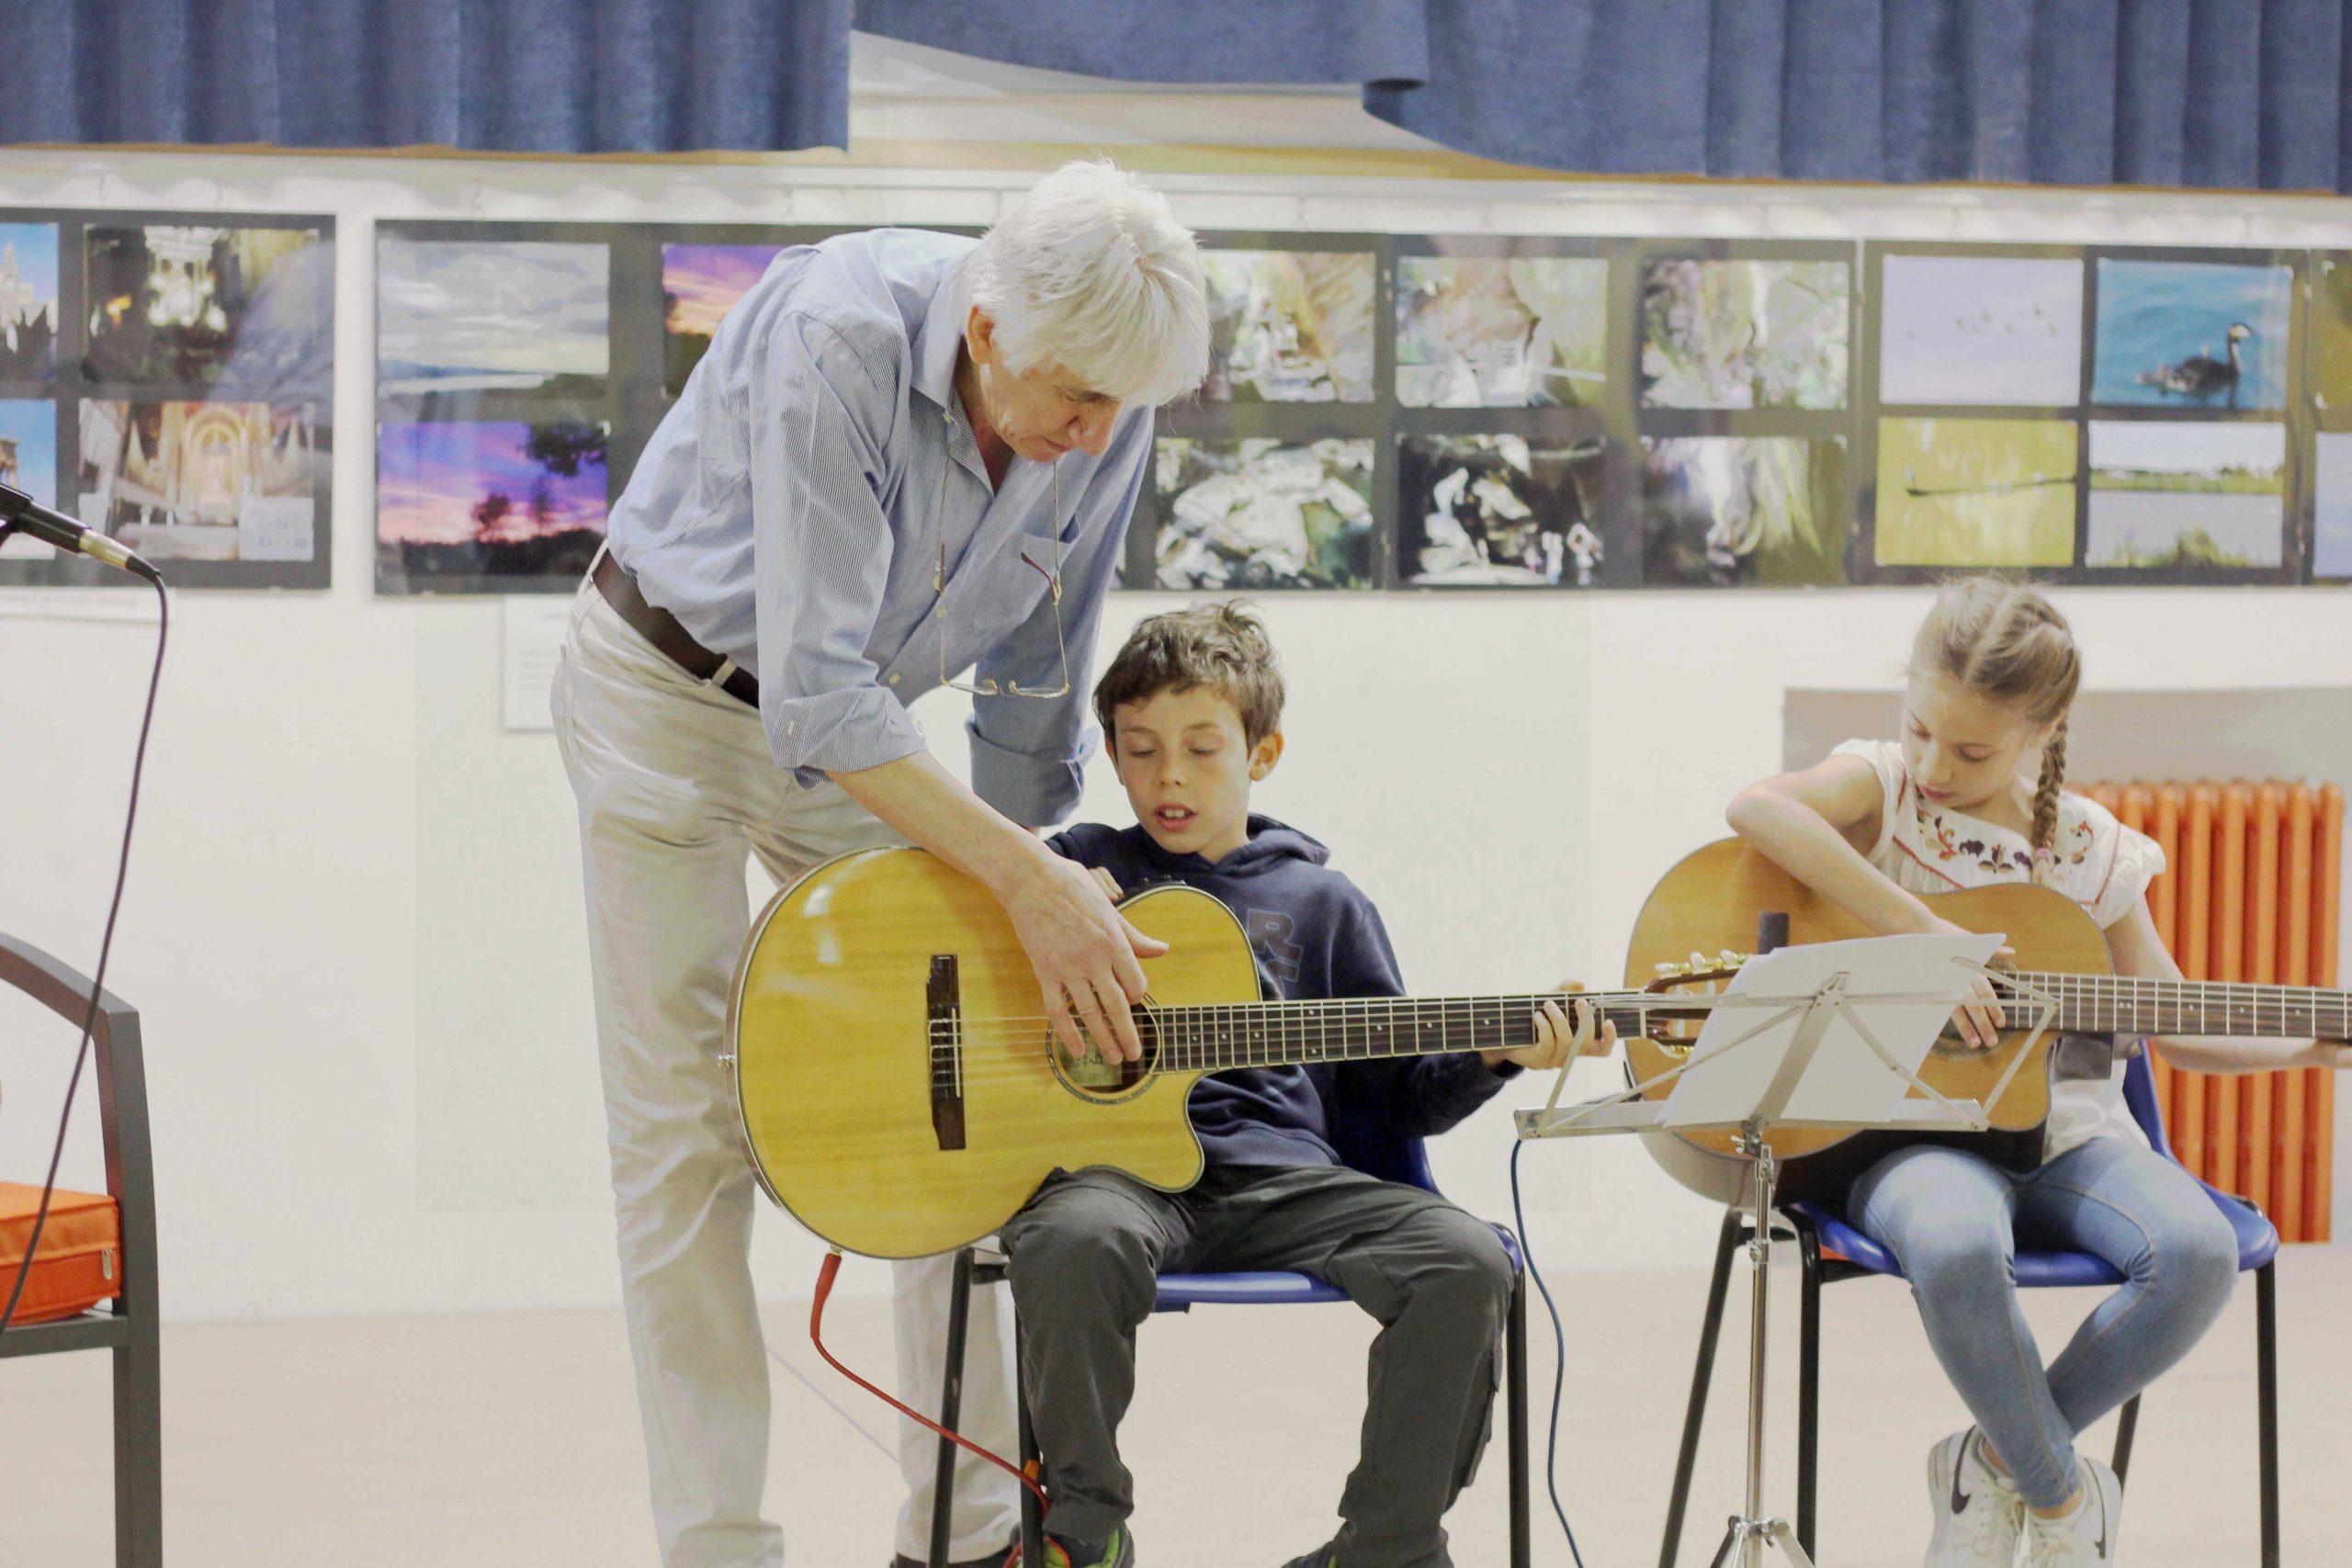 corso ukulele cinisello